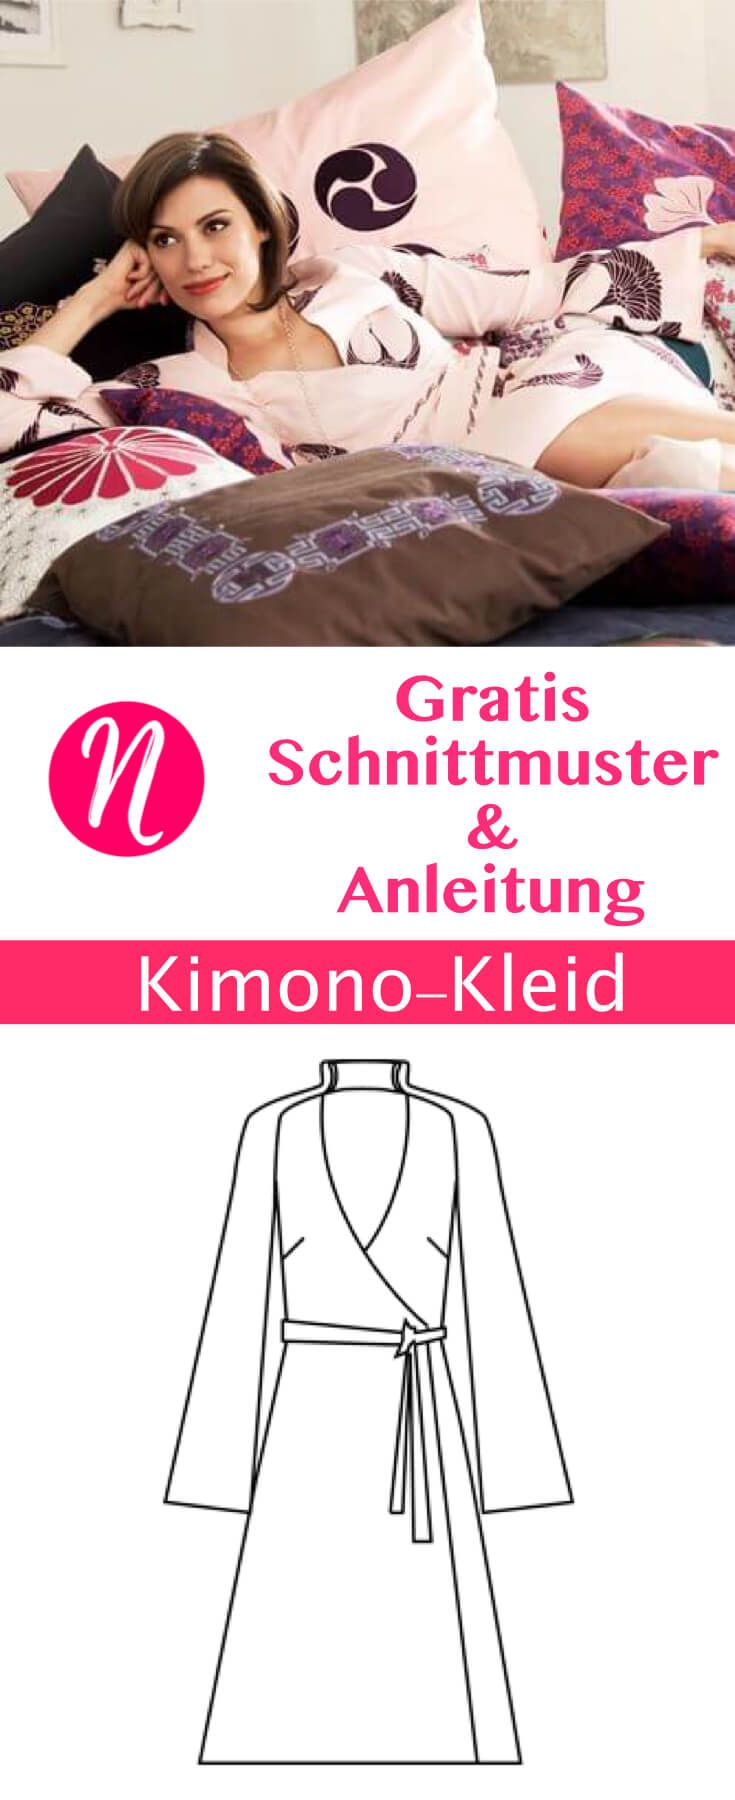 Japanisches Wickelkleid - Kimono | Besuchen, Nähanleitung und Japanische